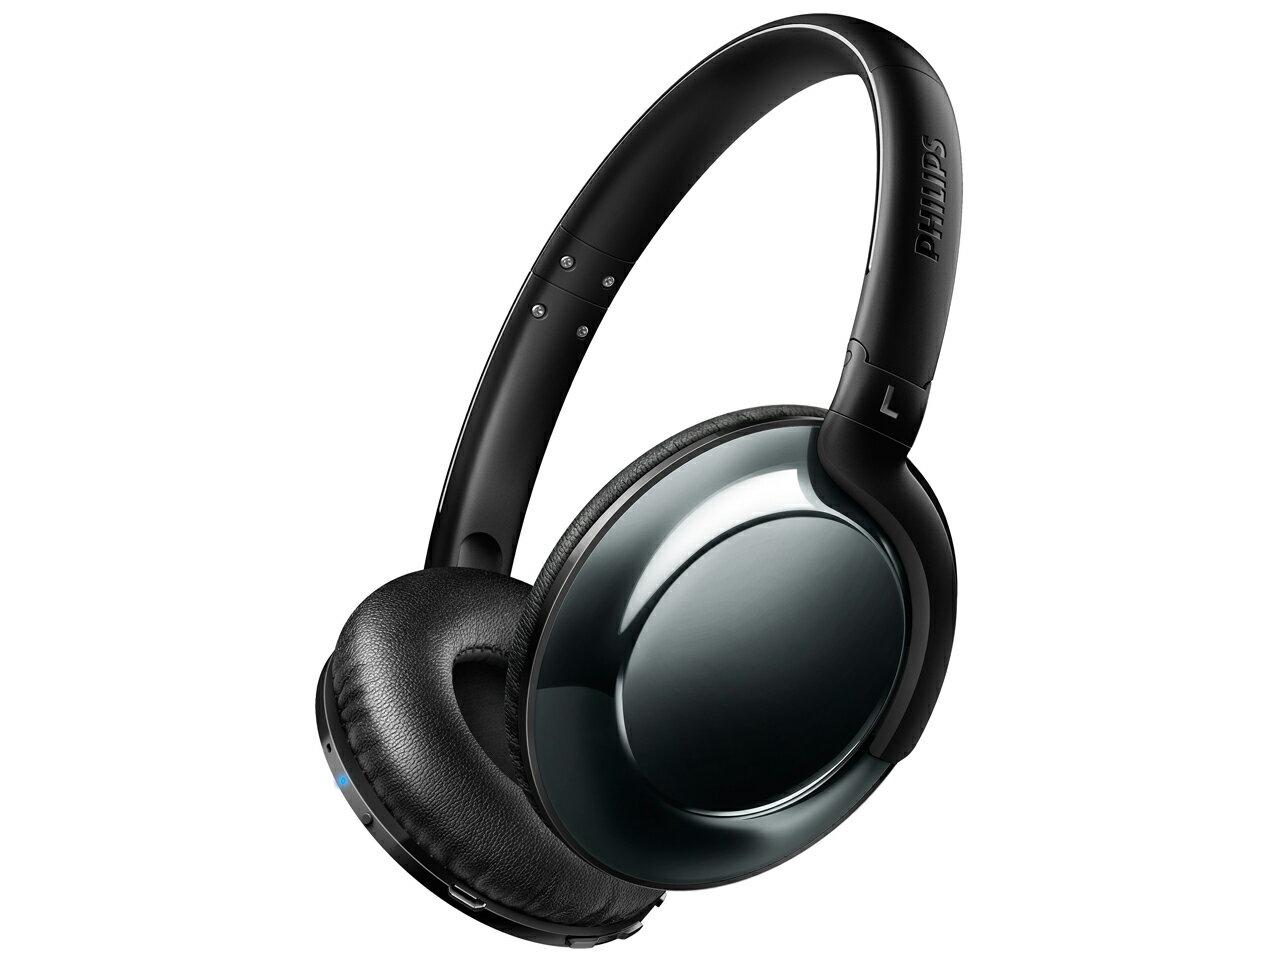 ワイヤレスヘッドホン bluetooth マイク付き ヘッドフォン ワイヤレス フィリップス PHILIPS Flite SHB4805DC